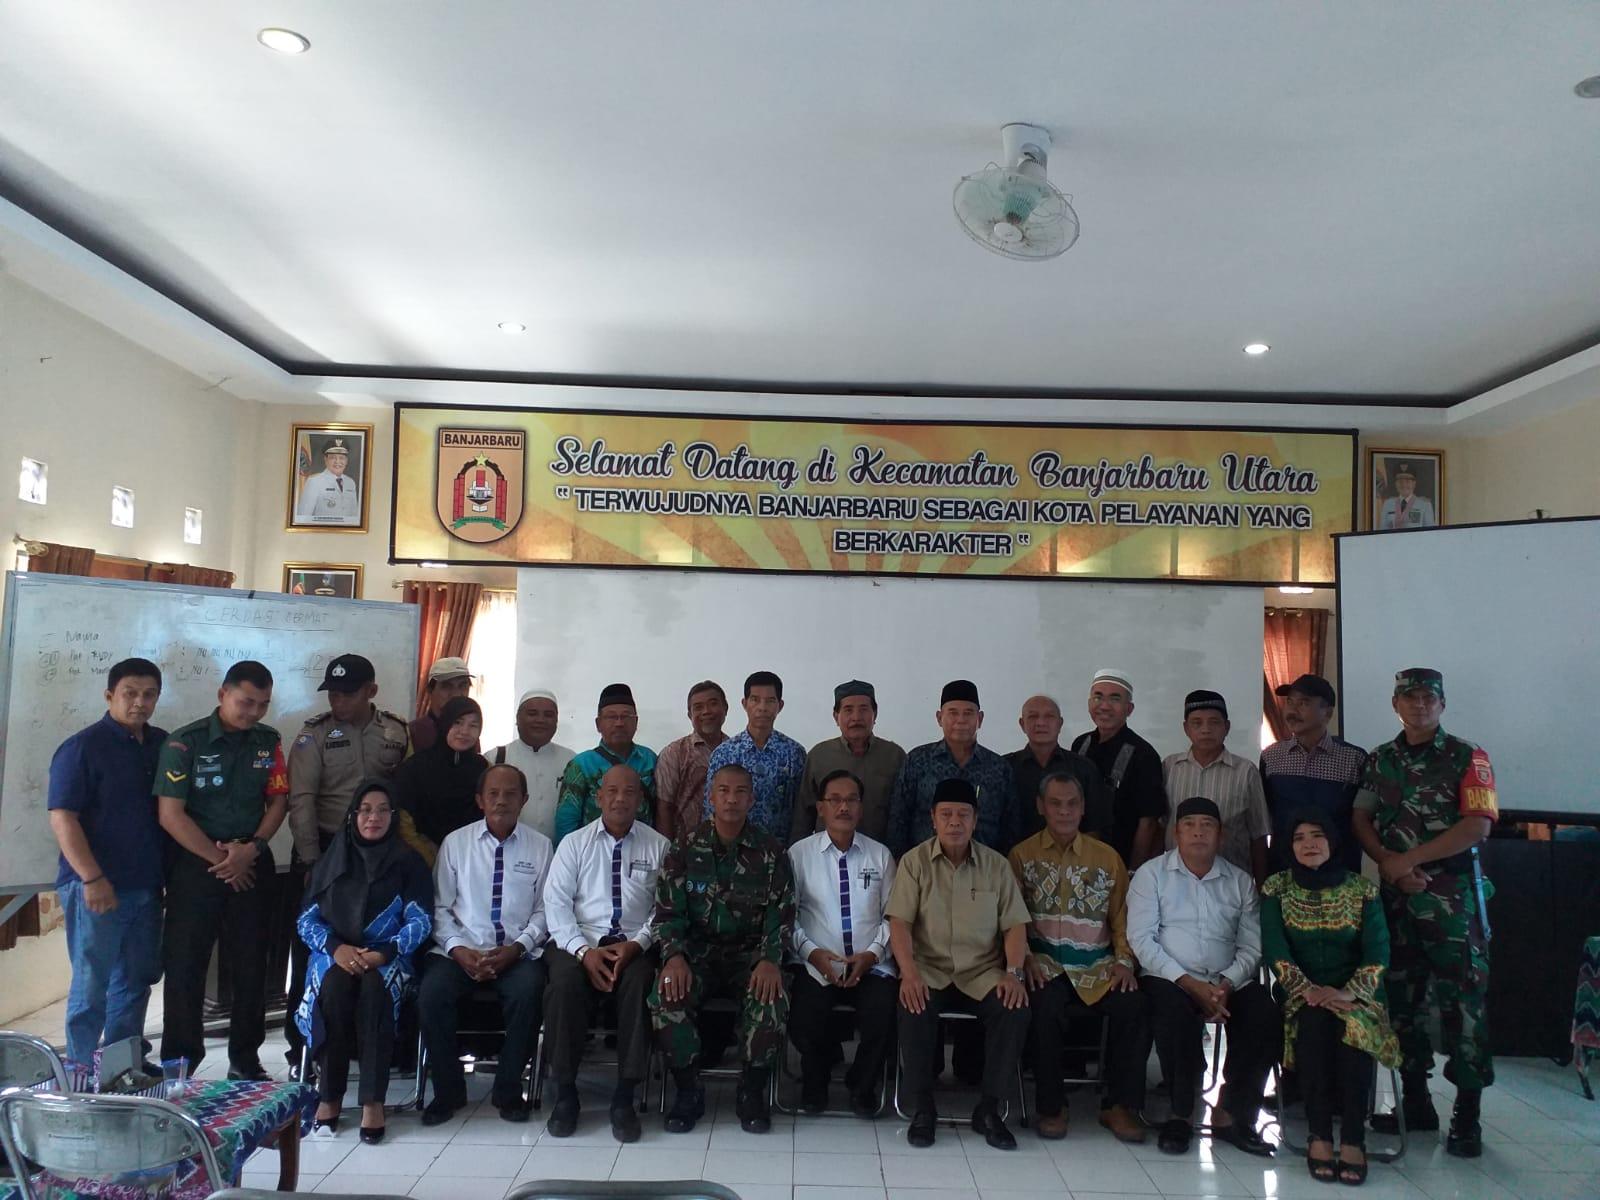 Musyawarah Cabang DPC Lembaga Pemberdayaan Masyarakat (LPM) Kecamatan Banjarbaru Utara dalam rangka pemilihan Ketua DPC LPM Kecamatan Banjarbaru Utara untuk periode 2020 – 2025